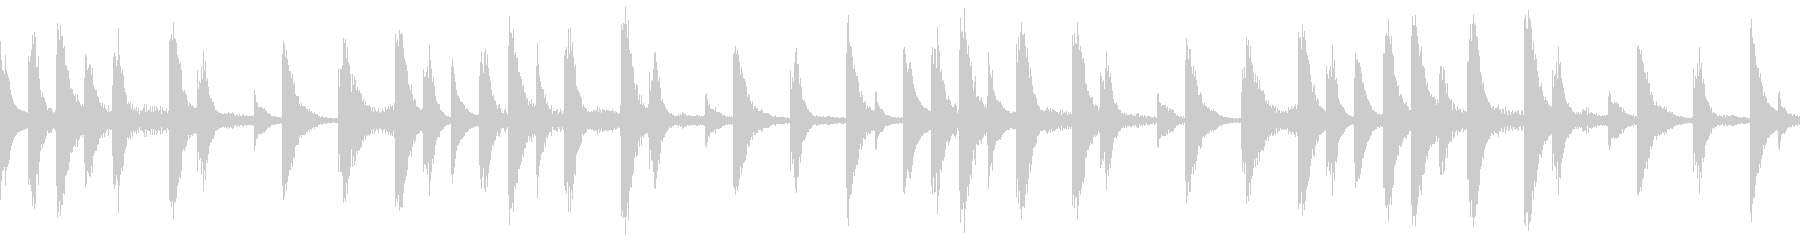 【ループC】浮遊感あるシンセが続くテクノの未再生の波形